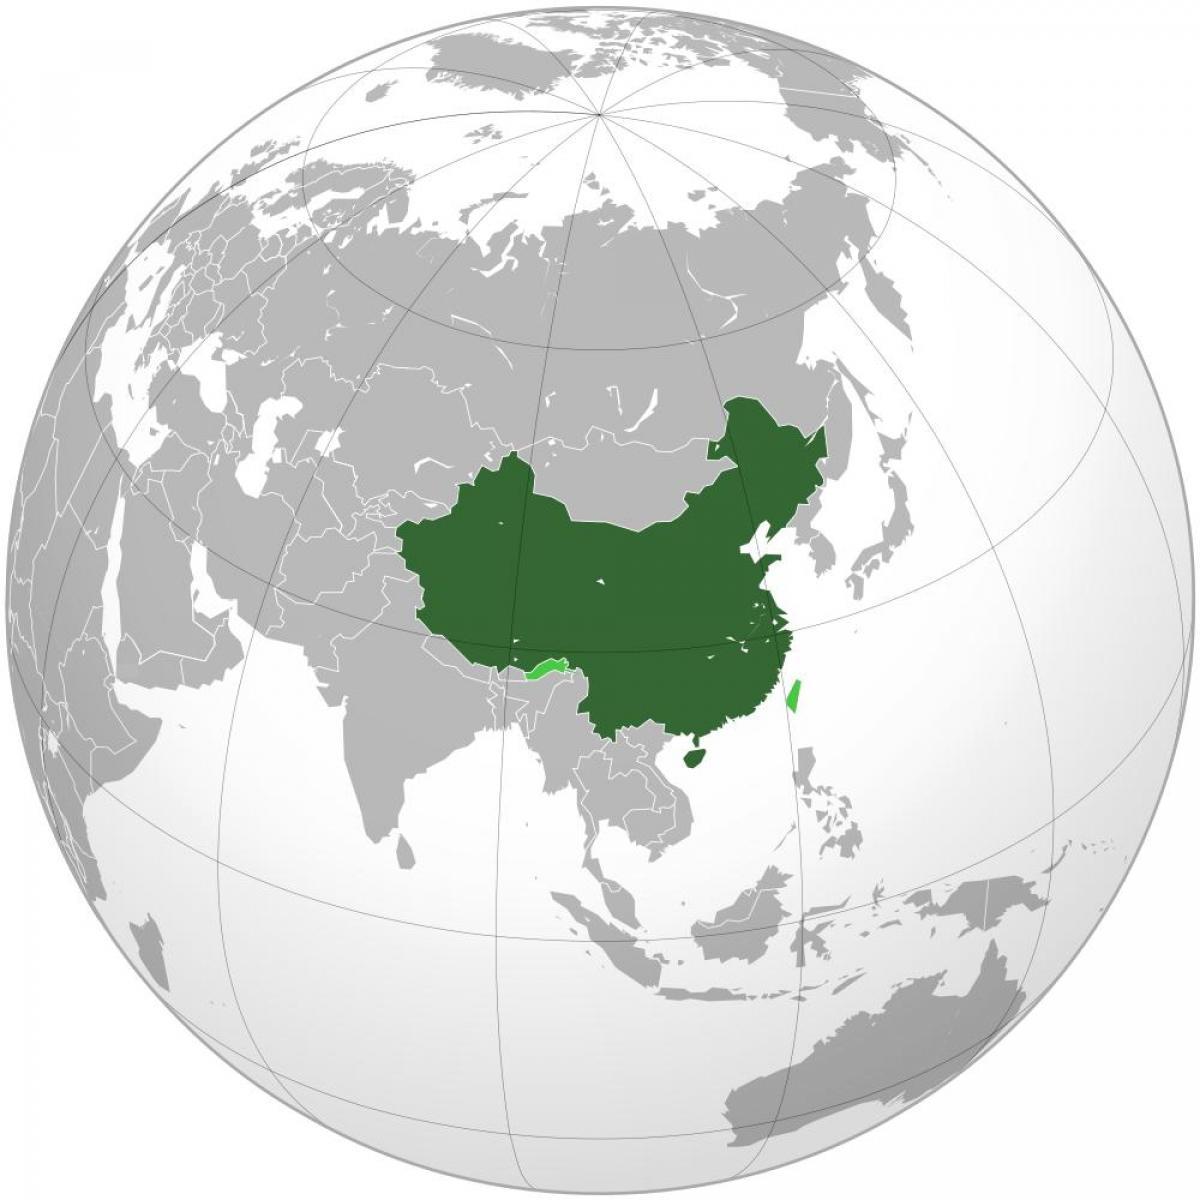 China Weltkarte - Karte von China Welt (Ost - Asien, Asien)